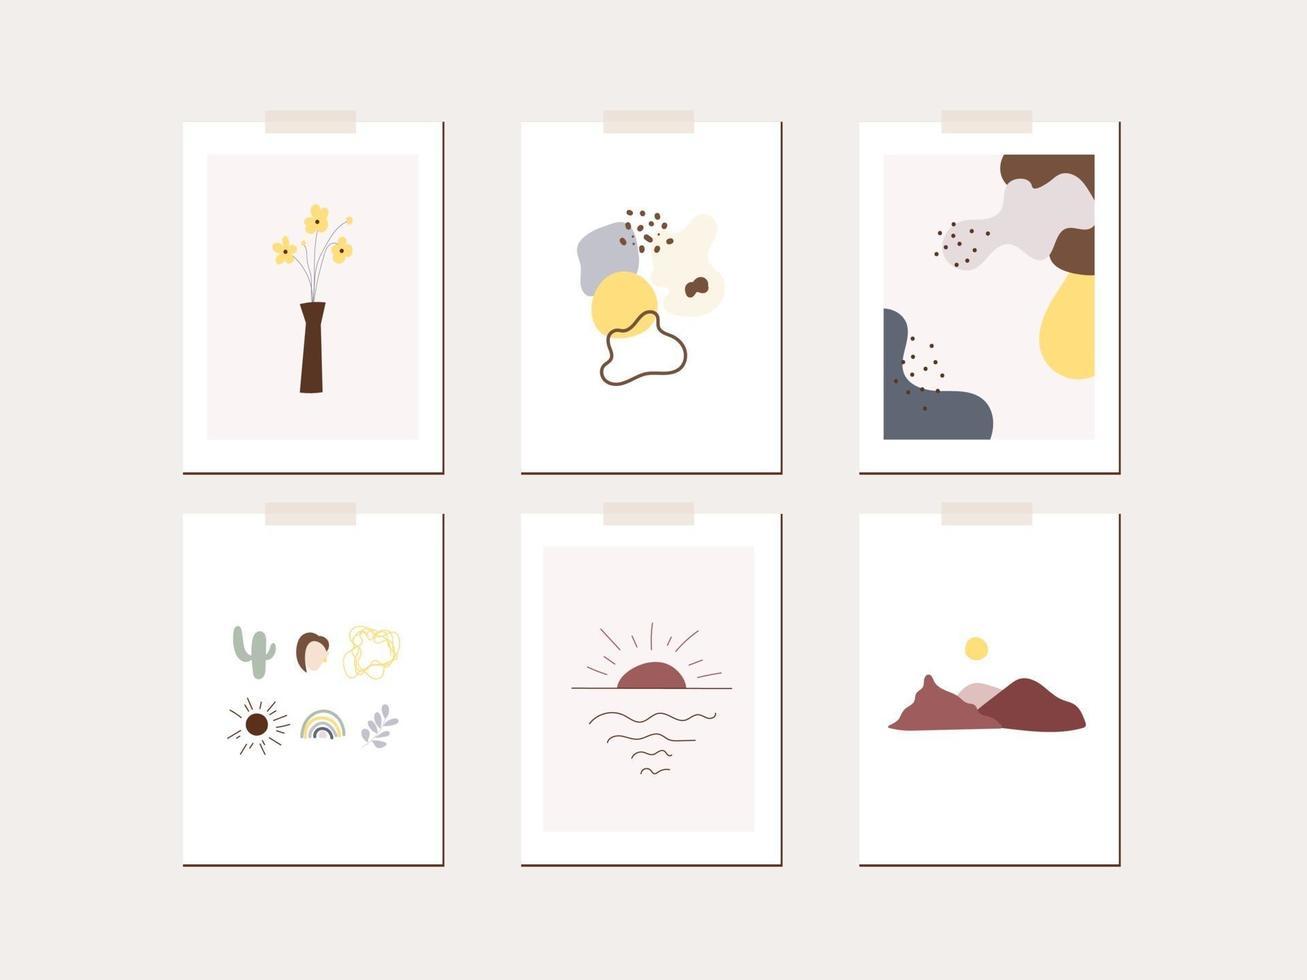 lente stemming wenskaart poster sjabloon. minimalistische bladeren, bloemen, zon, abstracte vormen vector